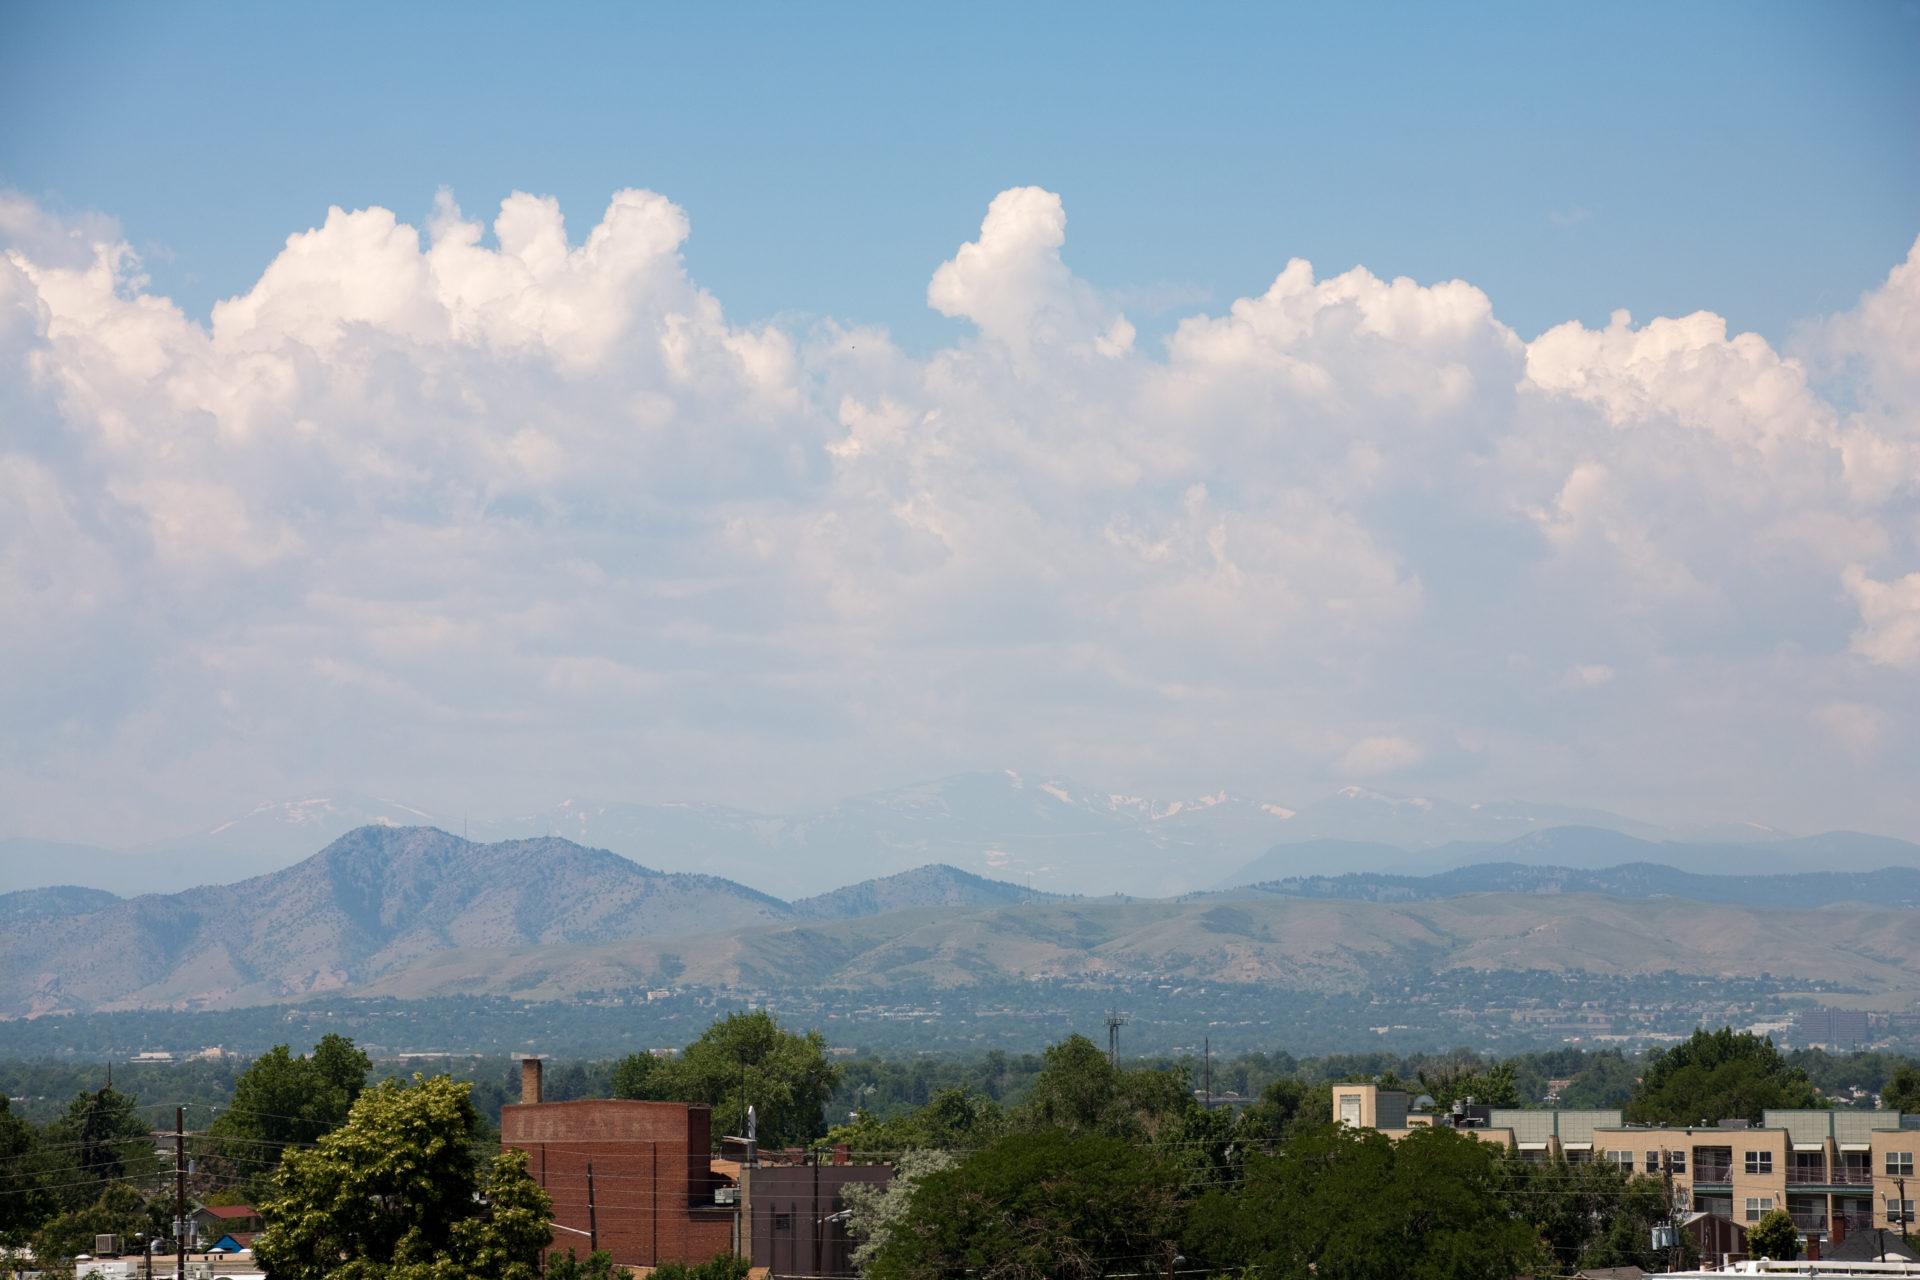 Mount Evans - July 2, 2011